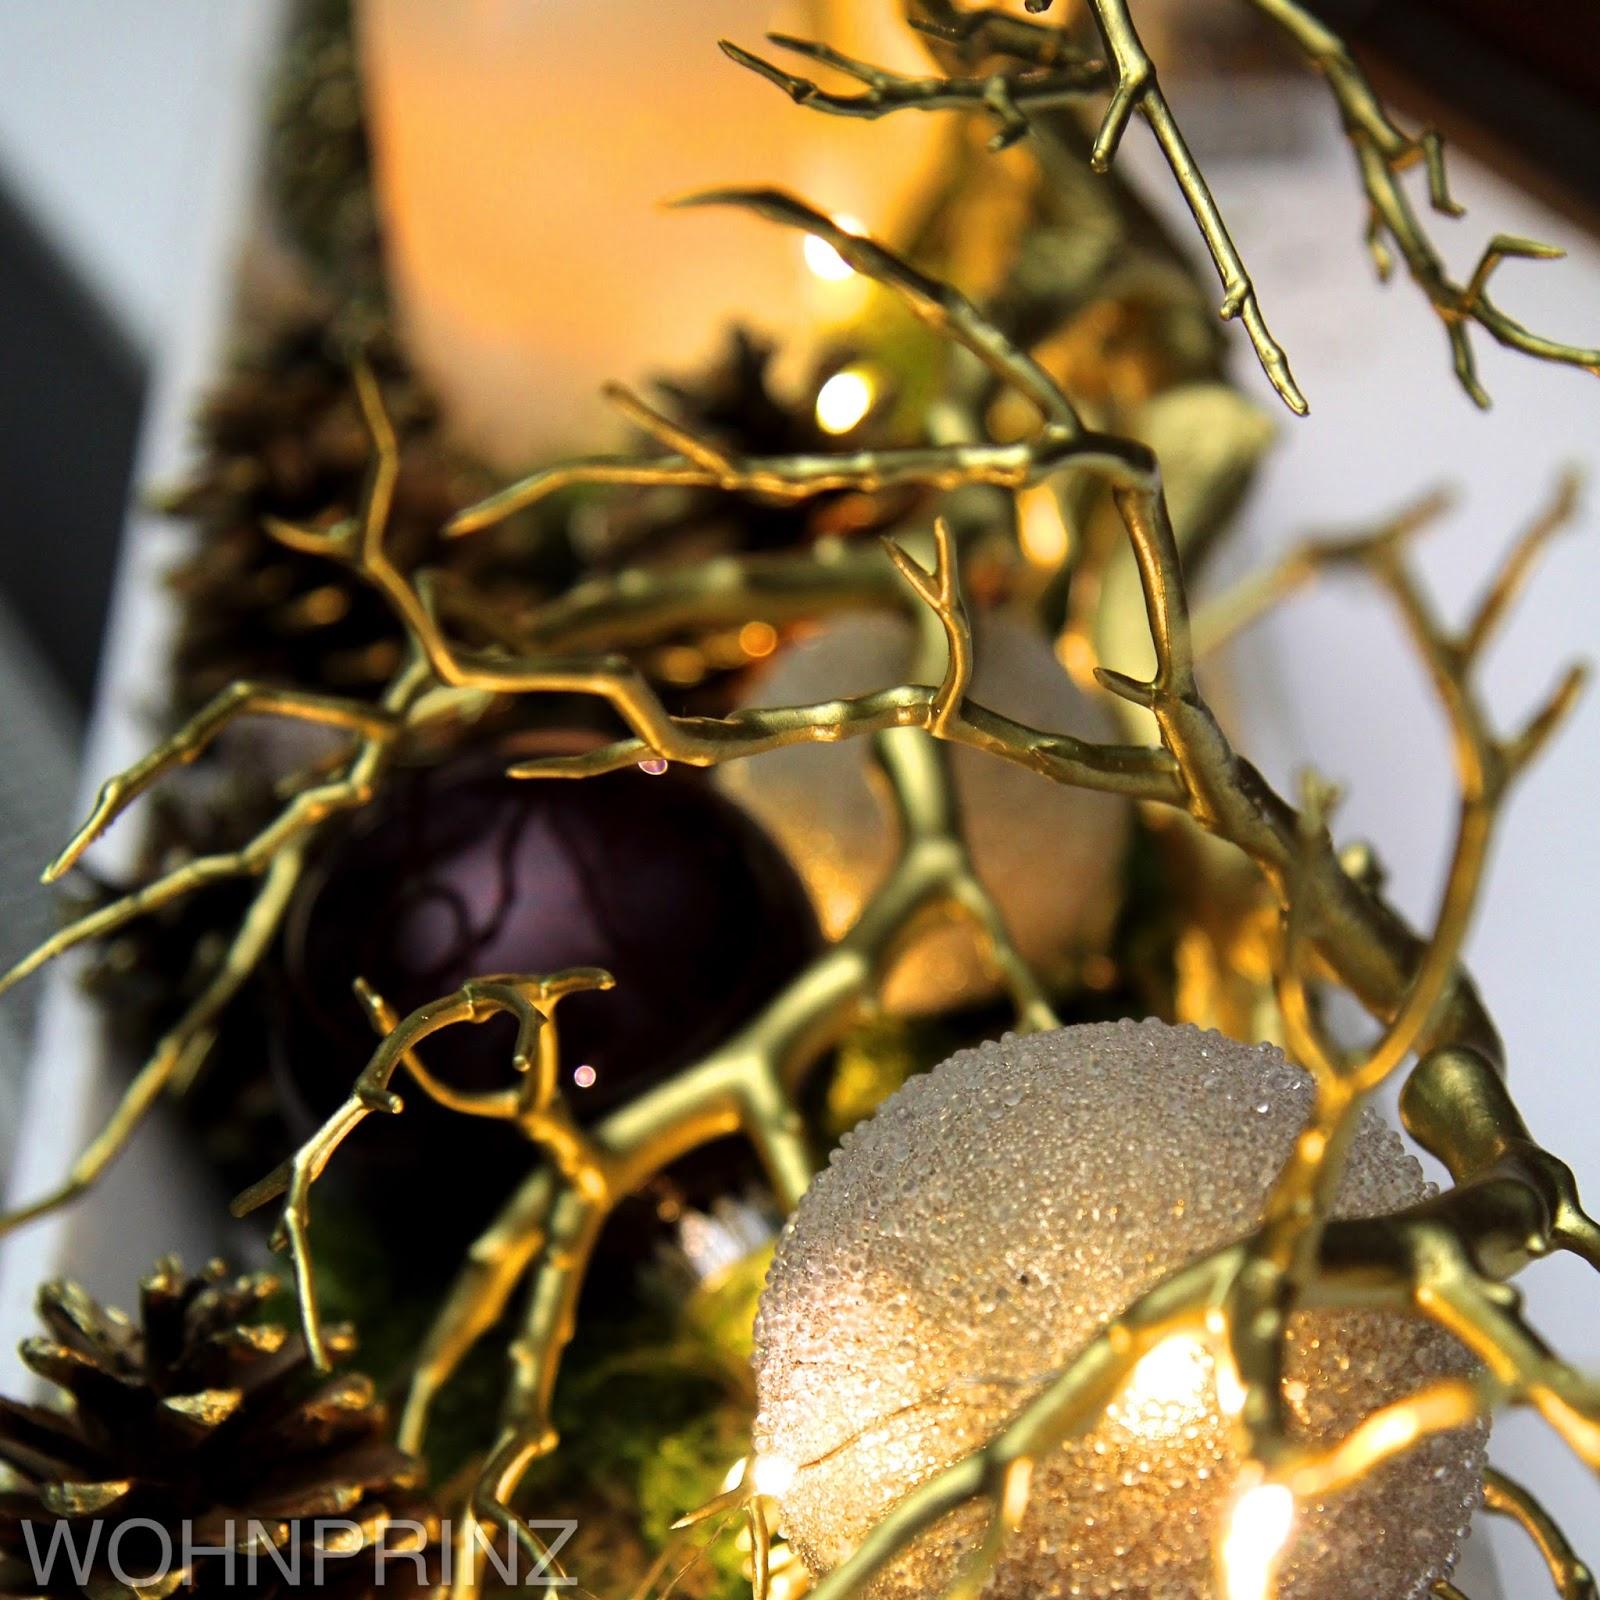 Fensterbank%252C%2BFensterdeko%252C%2BWeihnachten%252C%2BDekorieren-3 Schöne Fensterbank Weihnachtlich Dekorieren Dekorationen